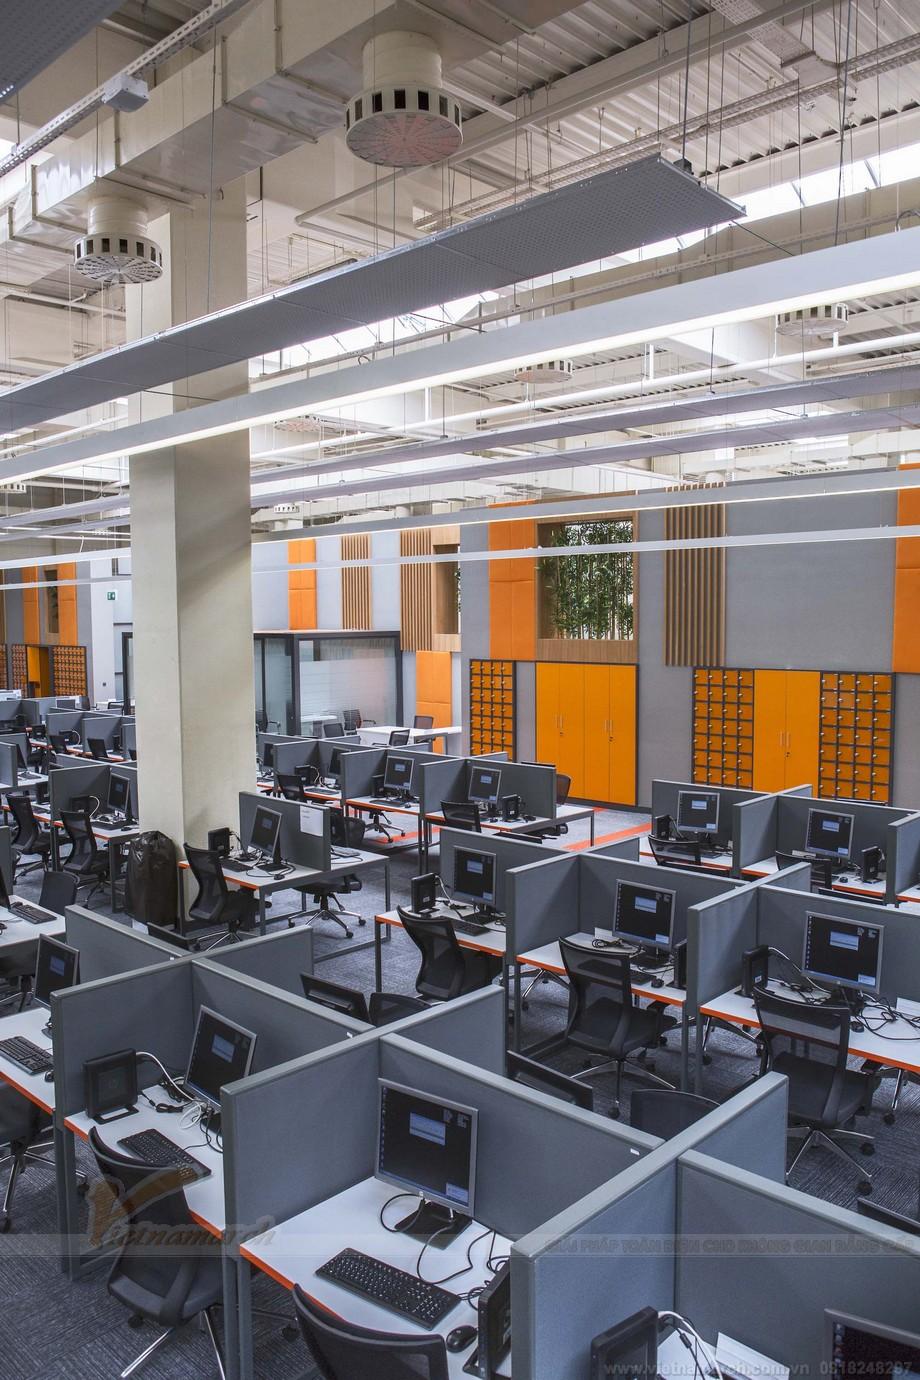 Thiết kế nội thất hiện đại trong co working space